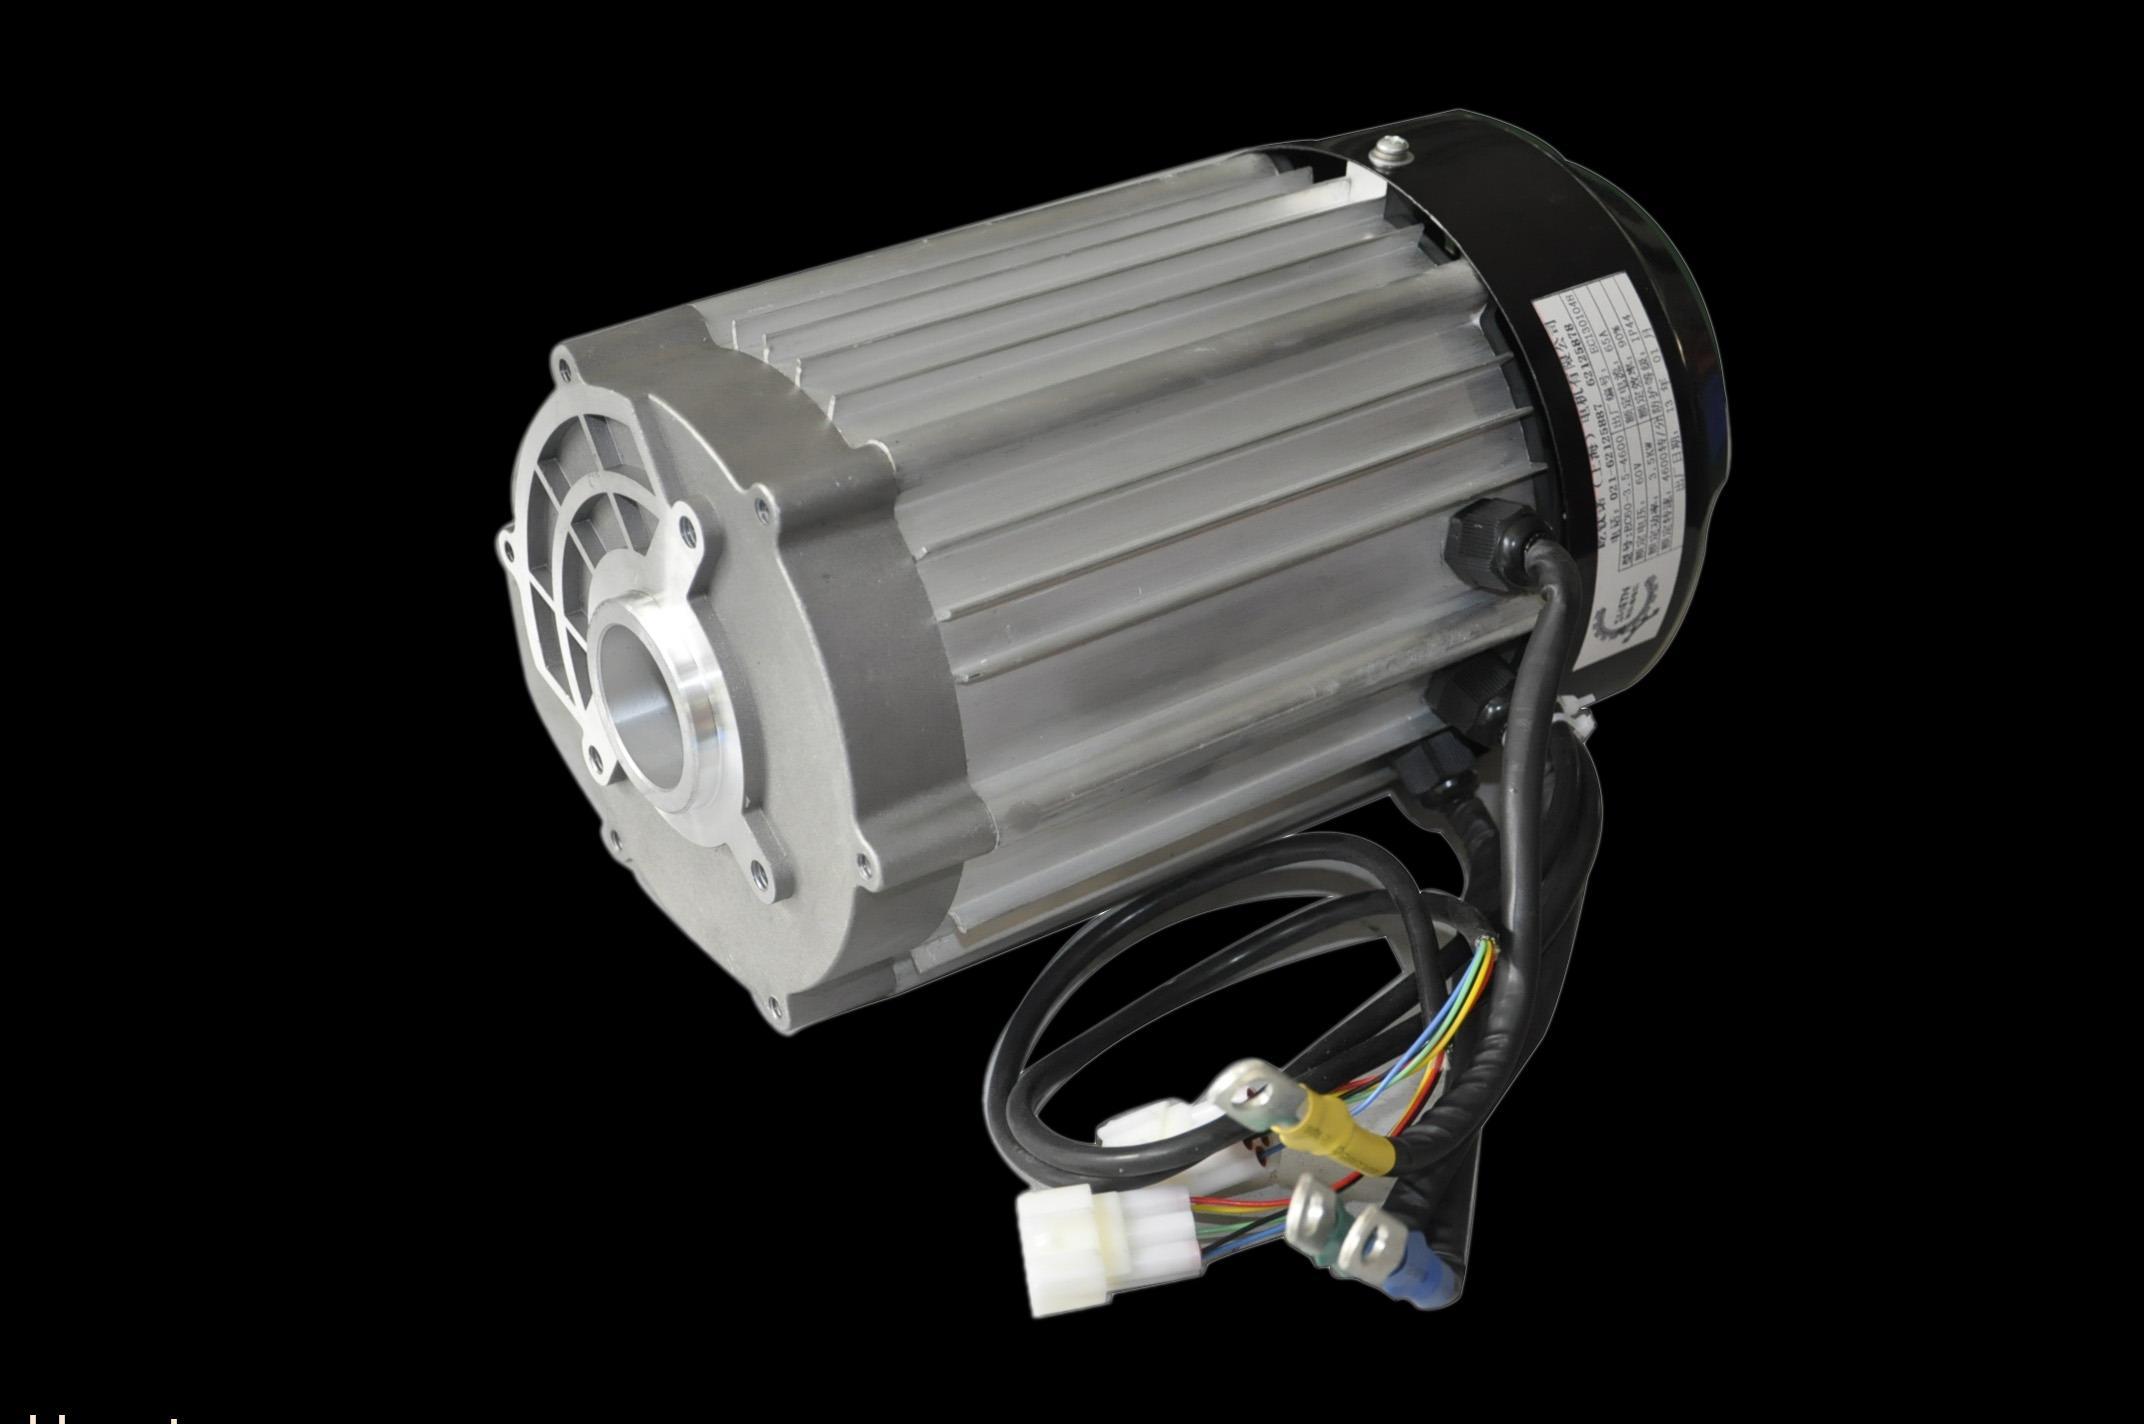 永磁无刷直流电机-聊城安博屹钛诺电驱动有限公司